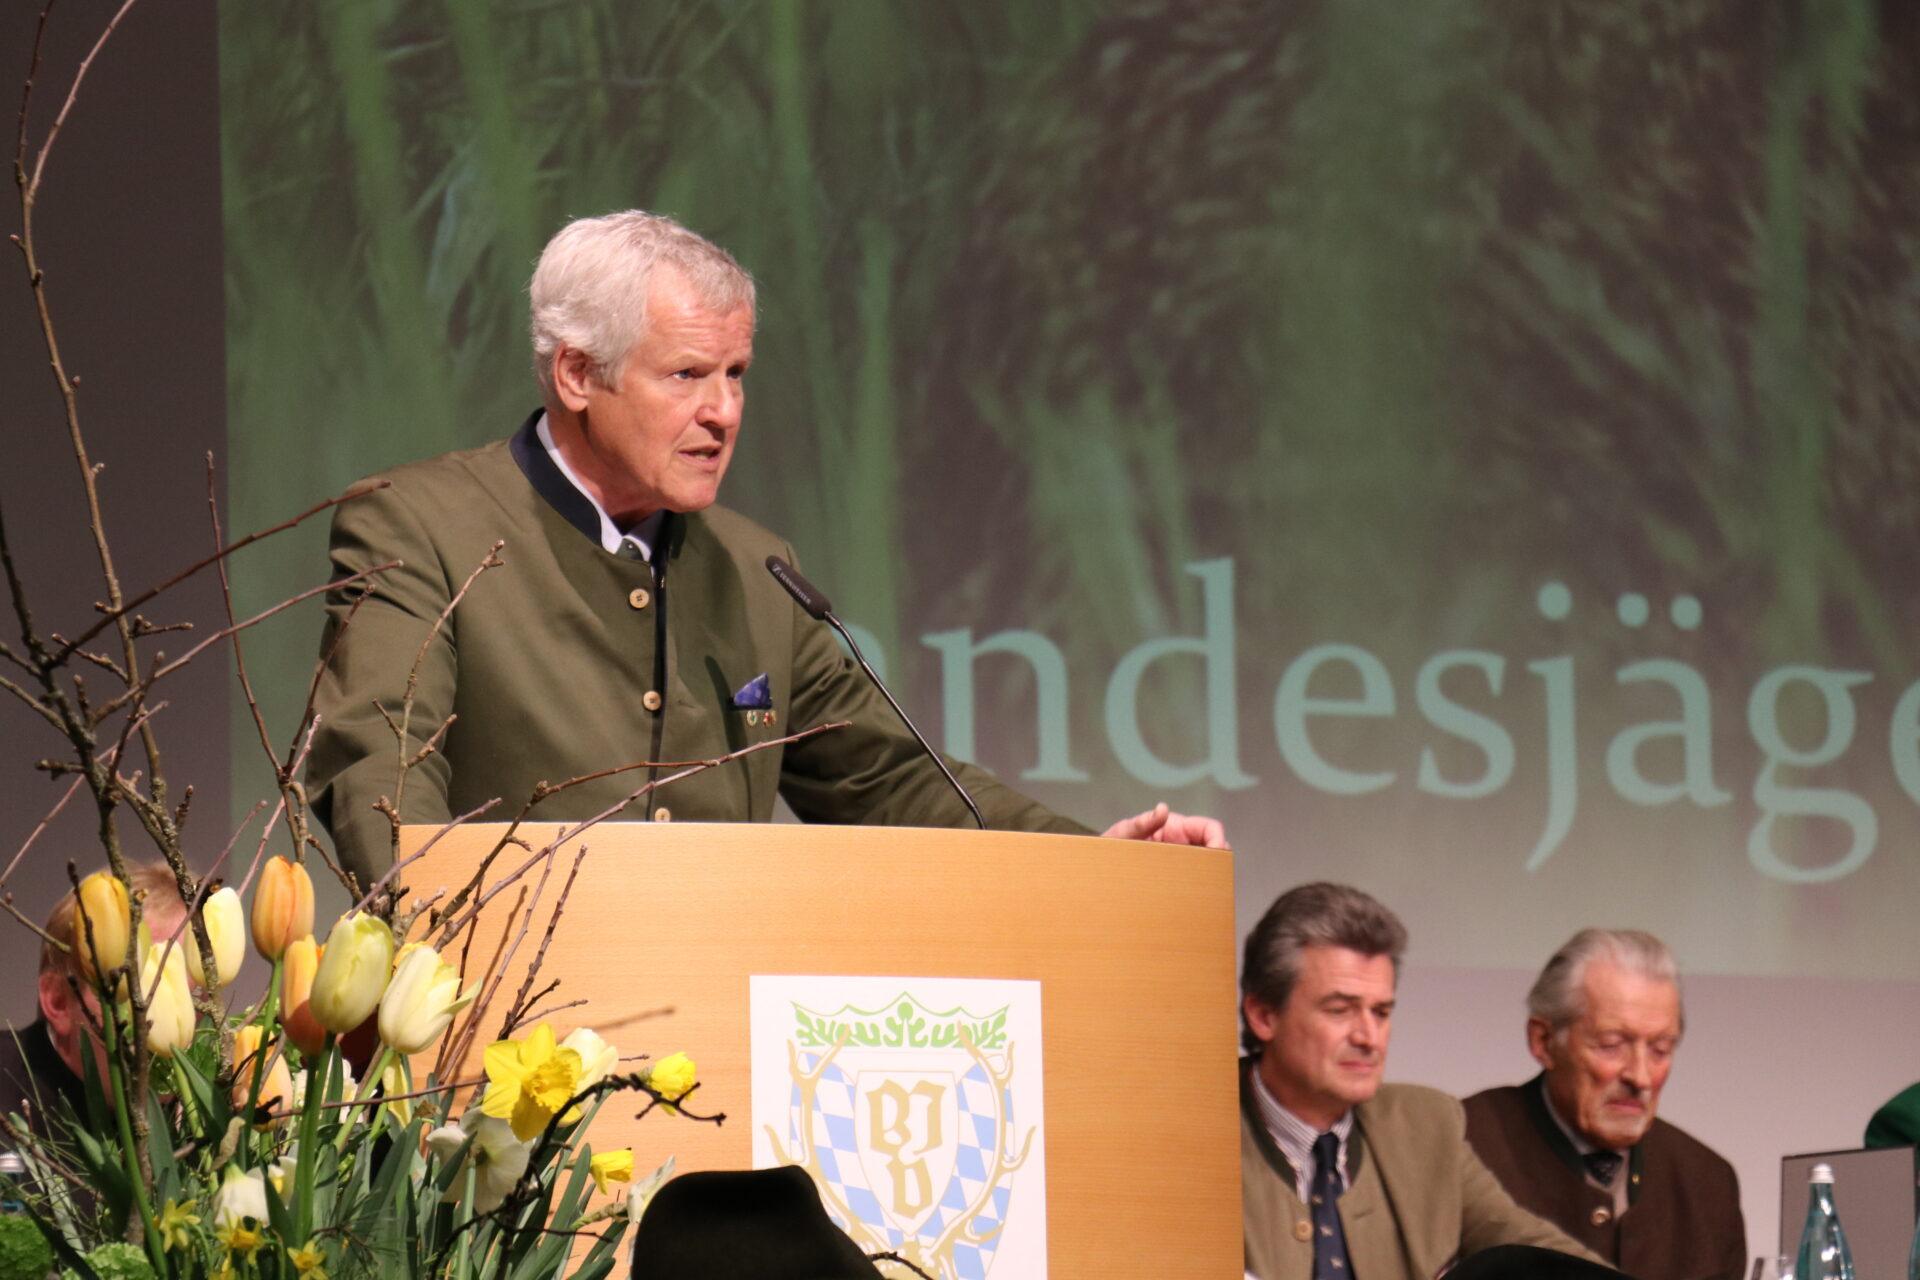 Bayern: Verbände versuchen Abschussplanung zu hintertreiben - WILD UND HUND